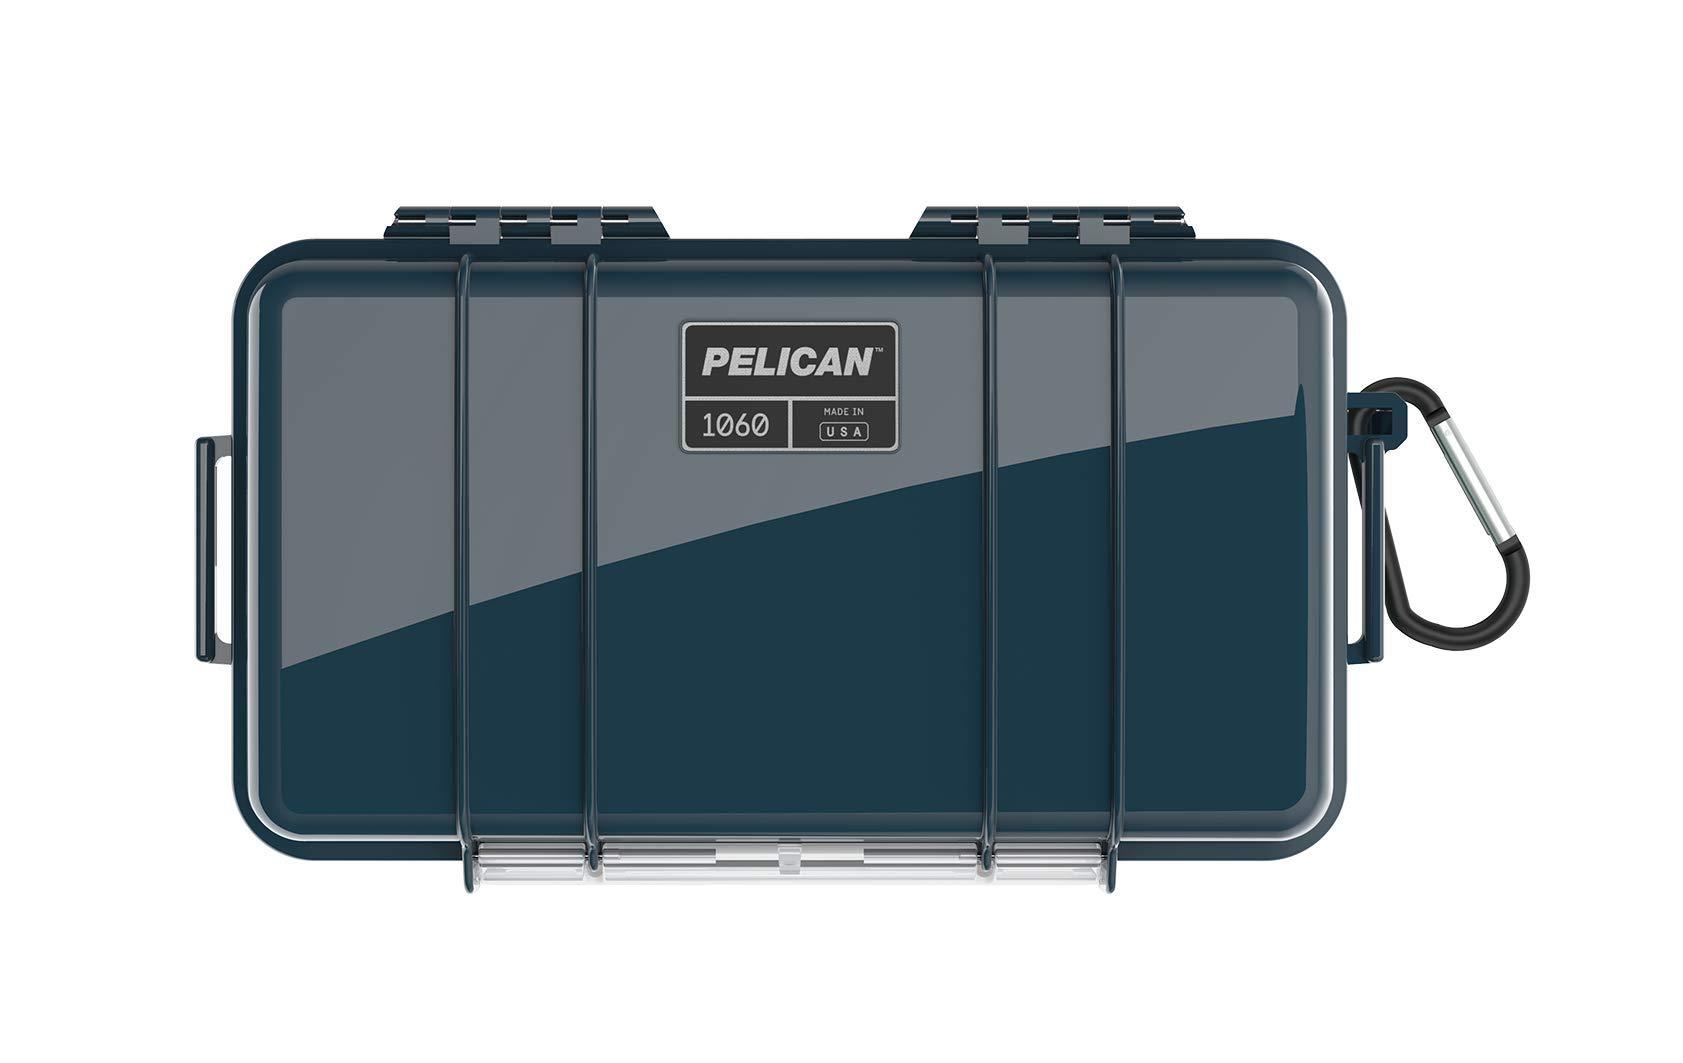 Pelican 1060 - Funda para iPhone, GoPro, cámara y Otros Dispositivos: Amazon.es: Electrónica